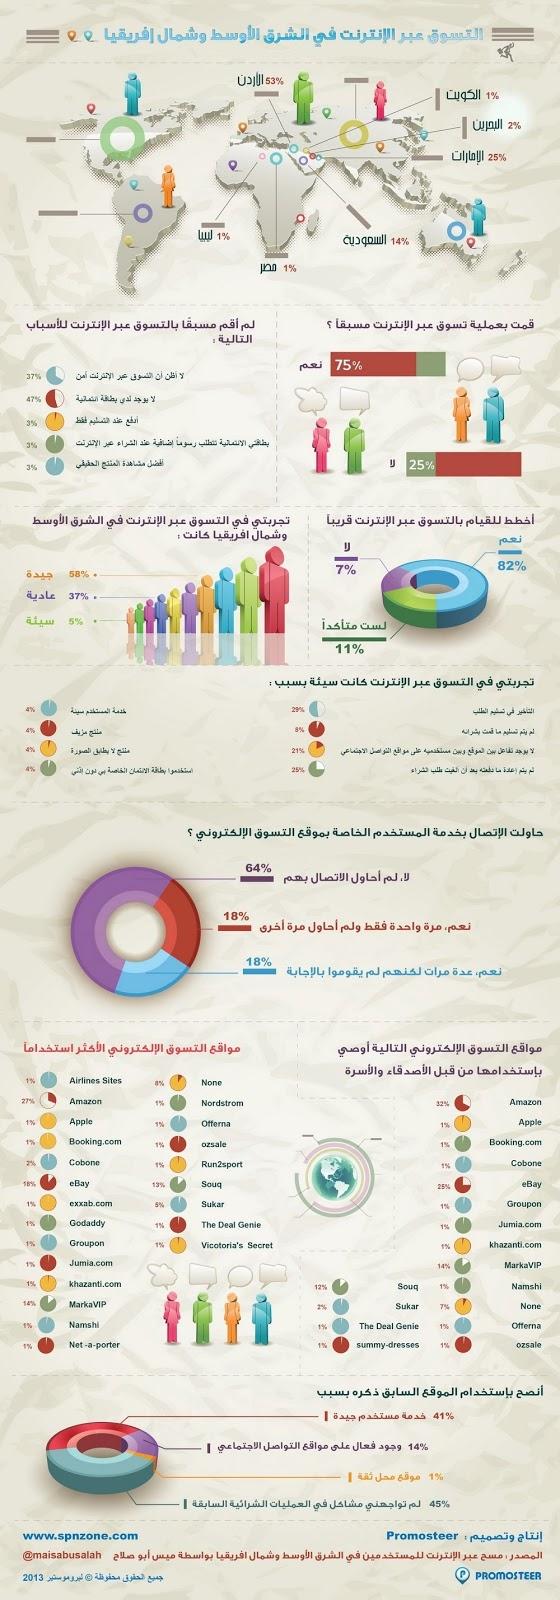 التسوق الالكتروني في الشرق الأوسط وشمال افريقيا - #انفوجرافيك